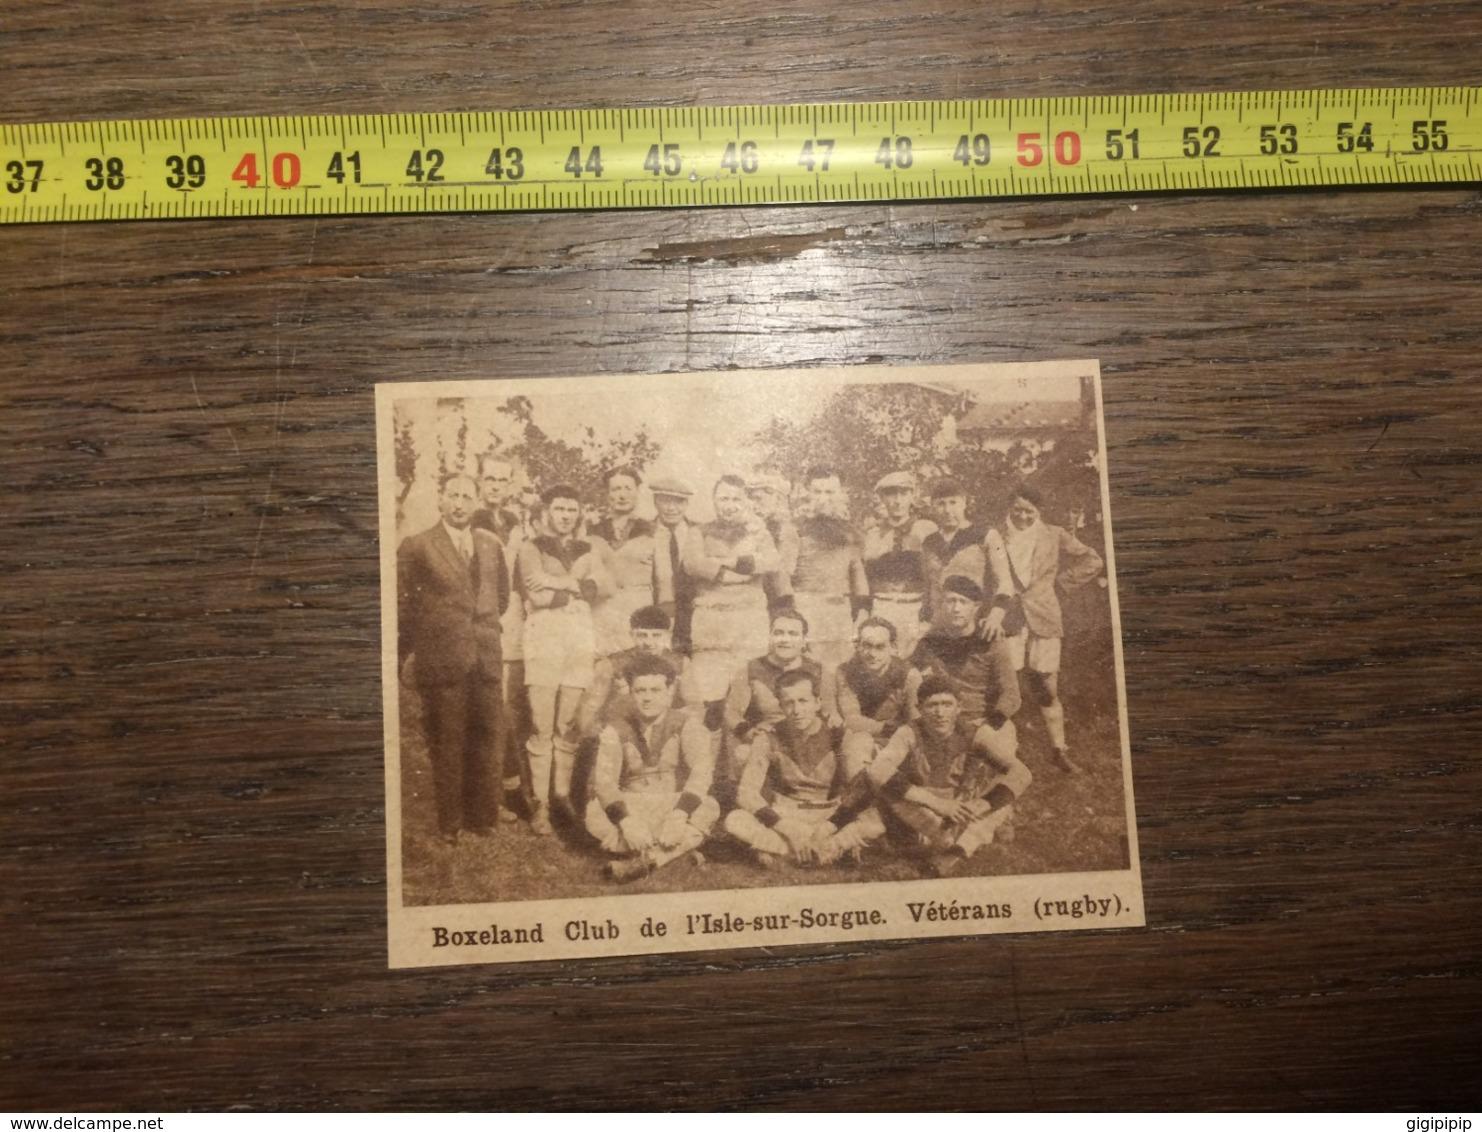 1932 1933 M EQUIPE DE RUGBY BOXELAND CLUB L ISLE SUR SORGUE VETERANS - Vieux Papiers